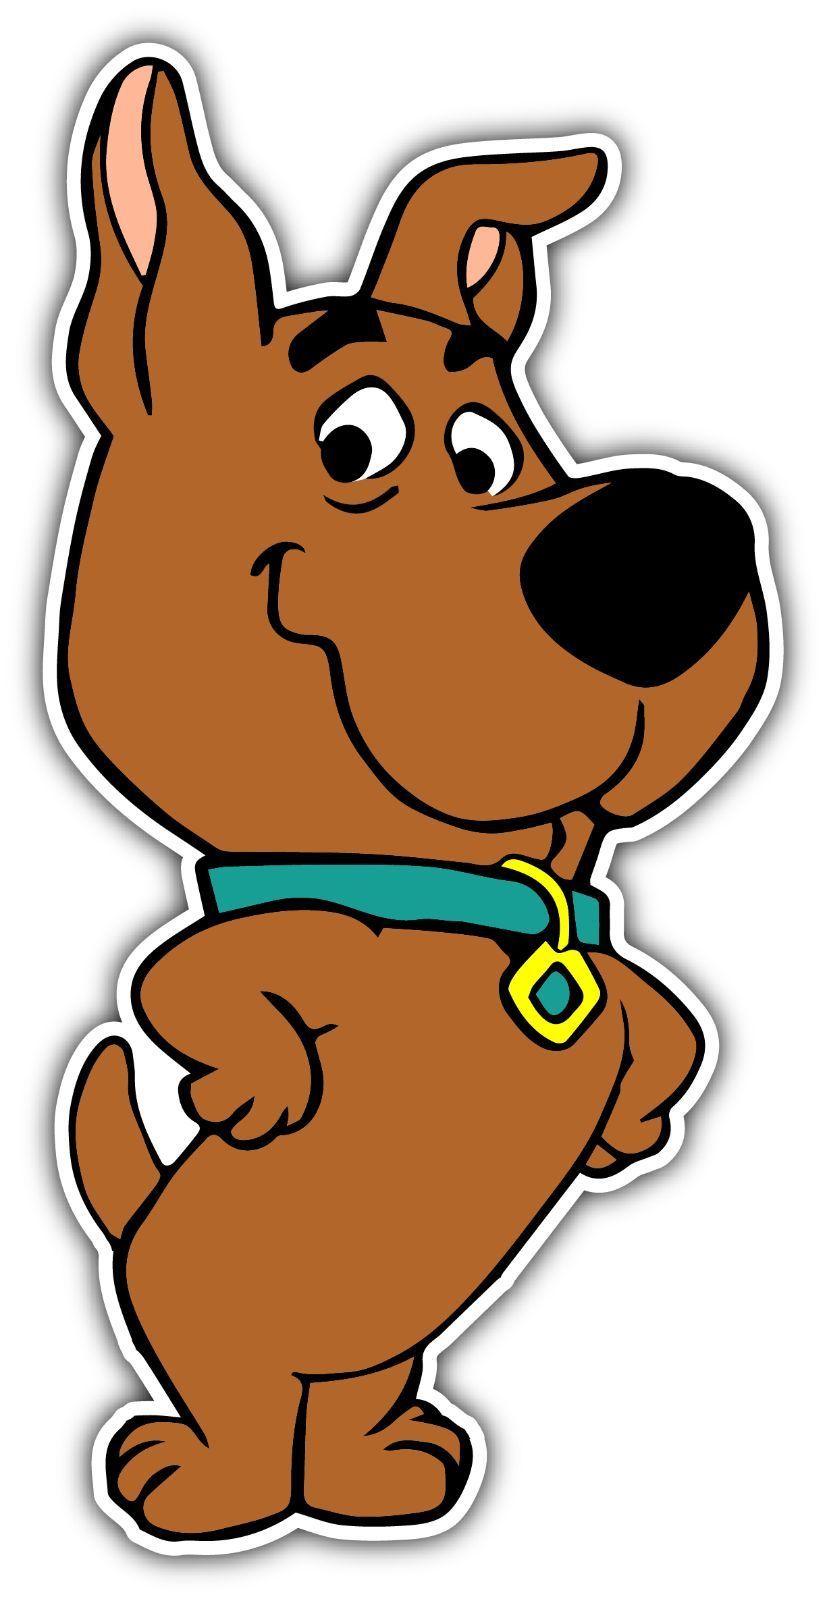 Adesivi Murali Looney Tunes.2 99 Scrappy Doo Scooby Doo Puppy Dog Cartoon Car Bumper Vinyl